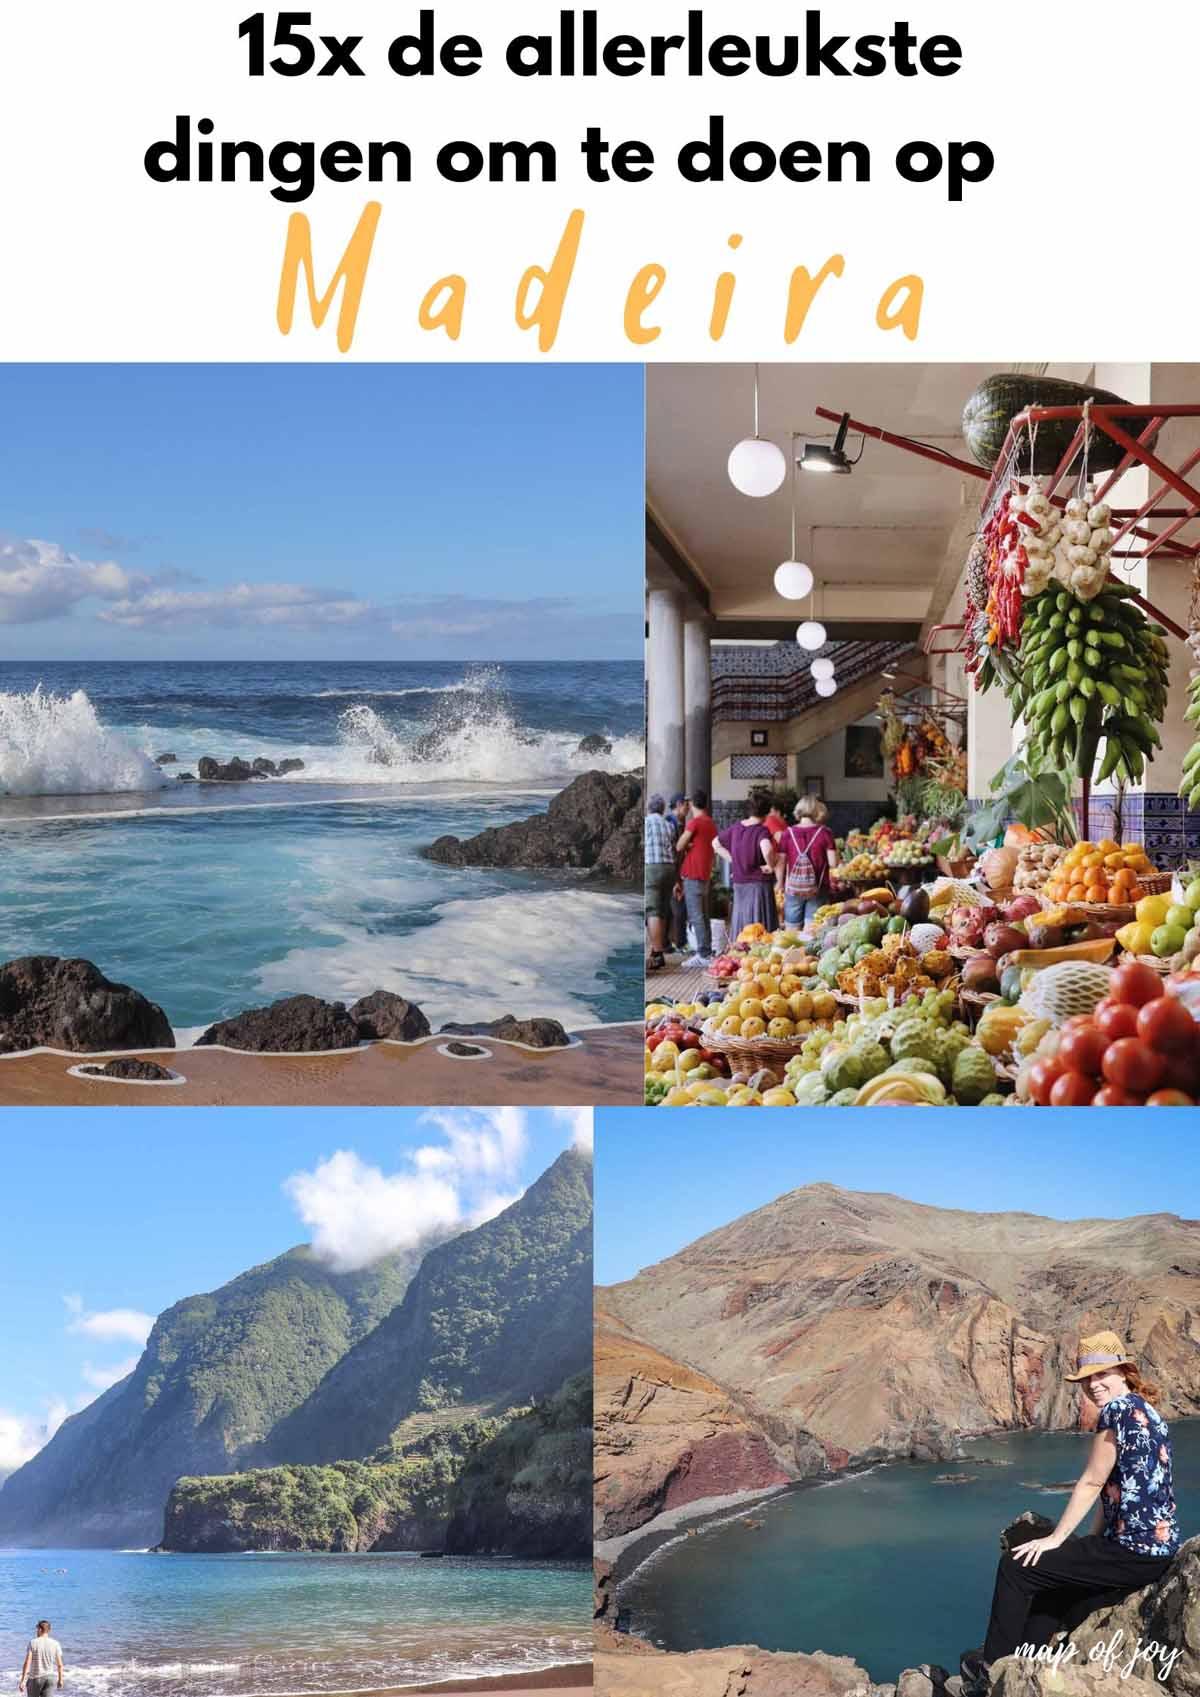 15x de allerleukste dingen om te doen op Madeira - Map of Joy